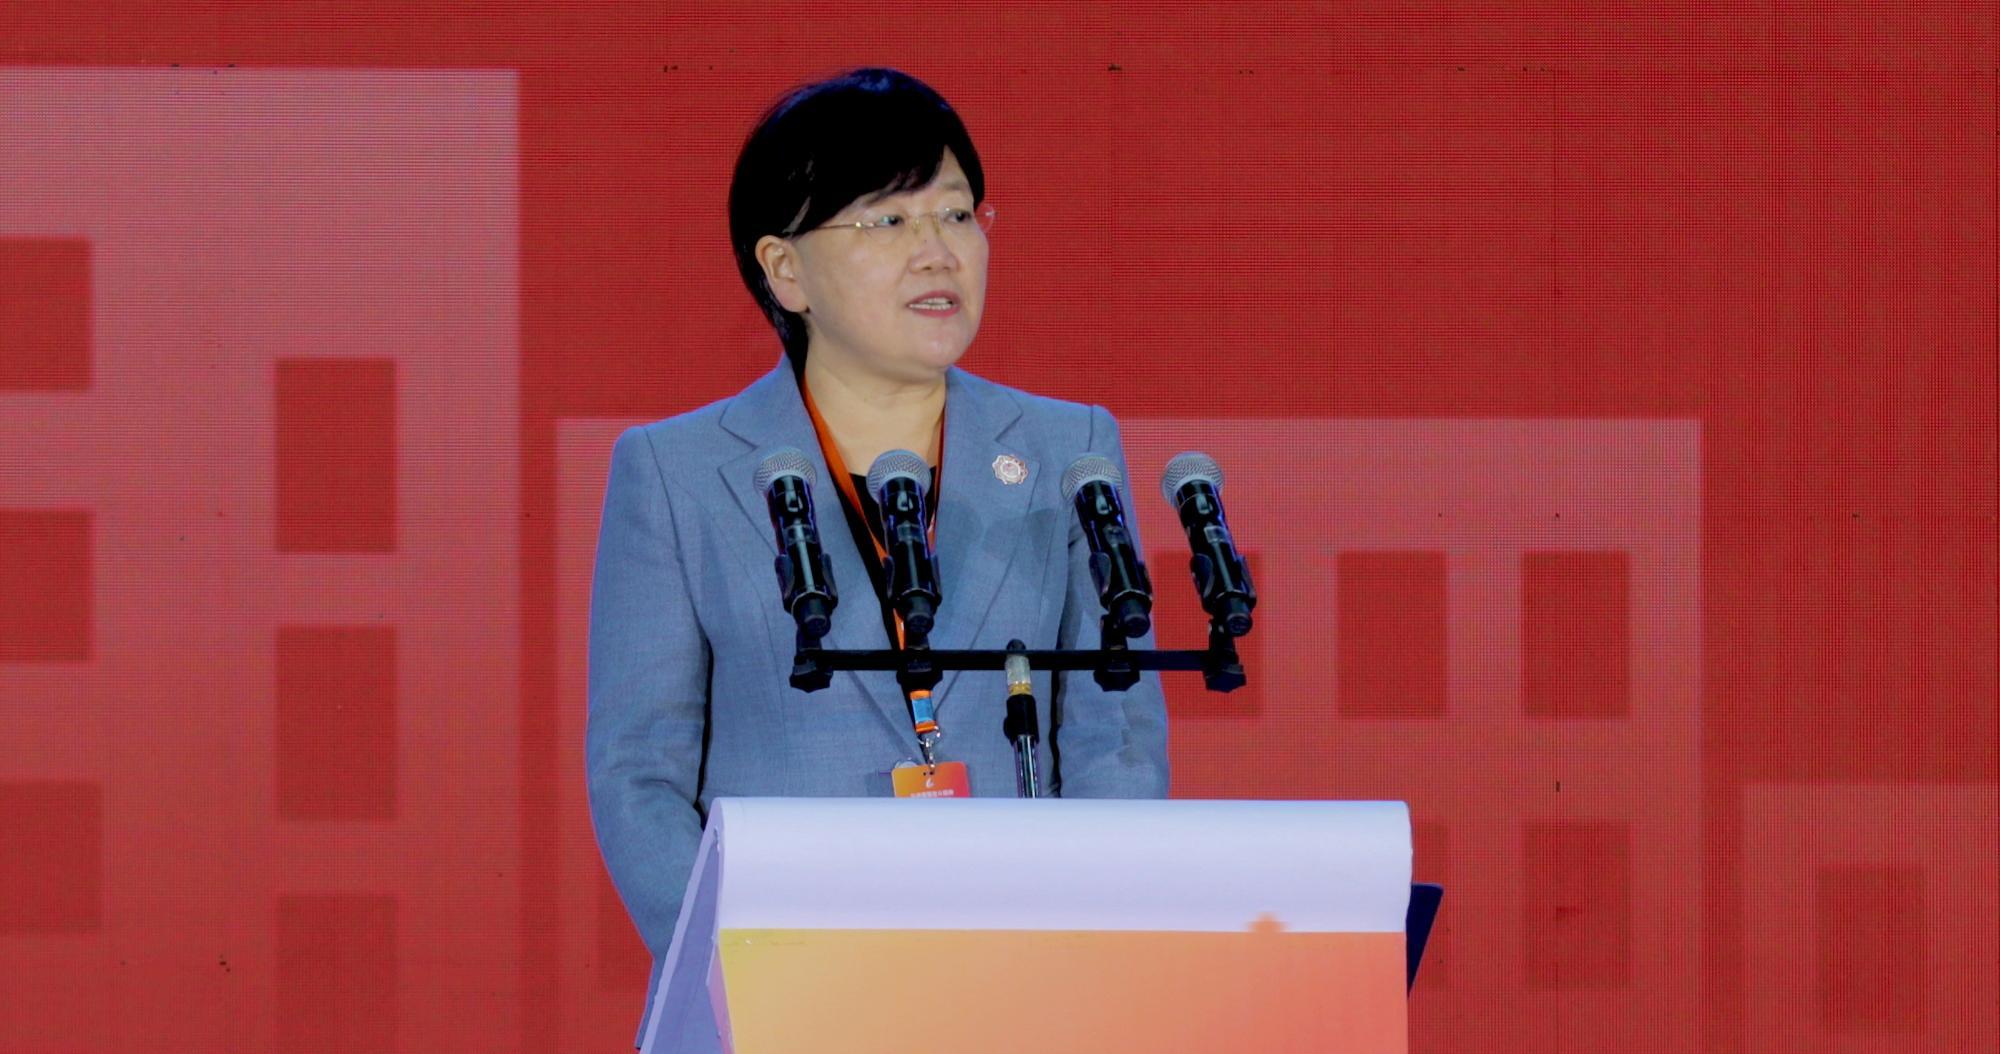 主题峰会|郑晓静:西电特质是姓党、爱国和为民